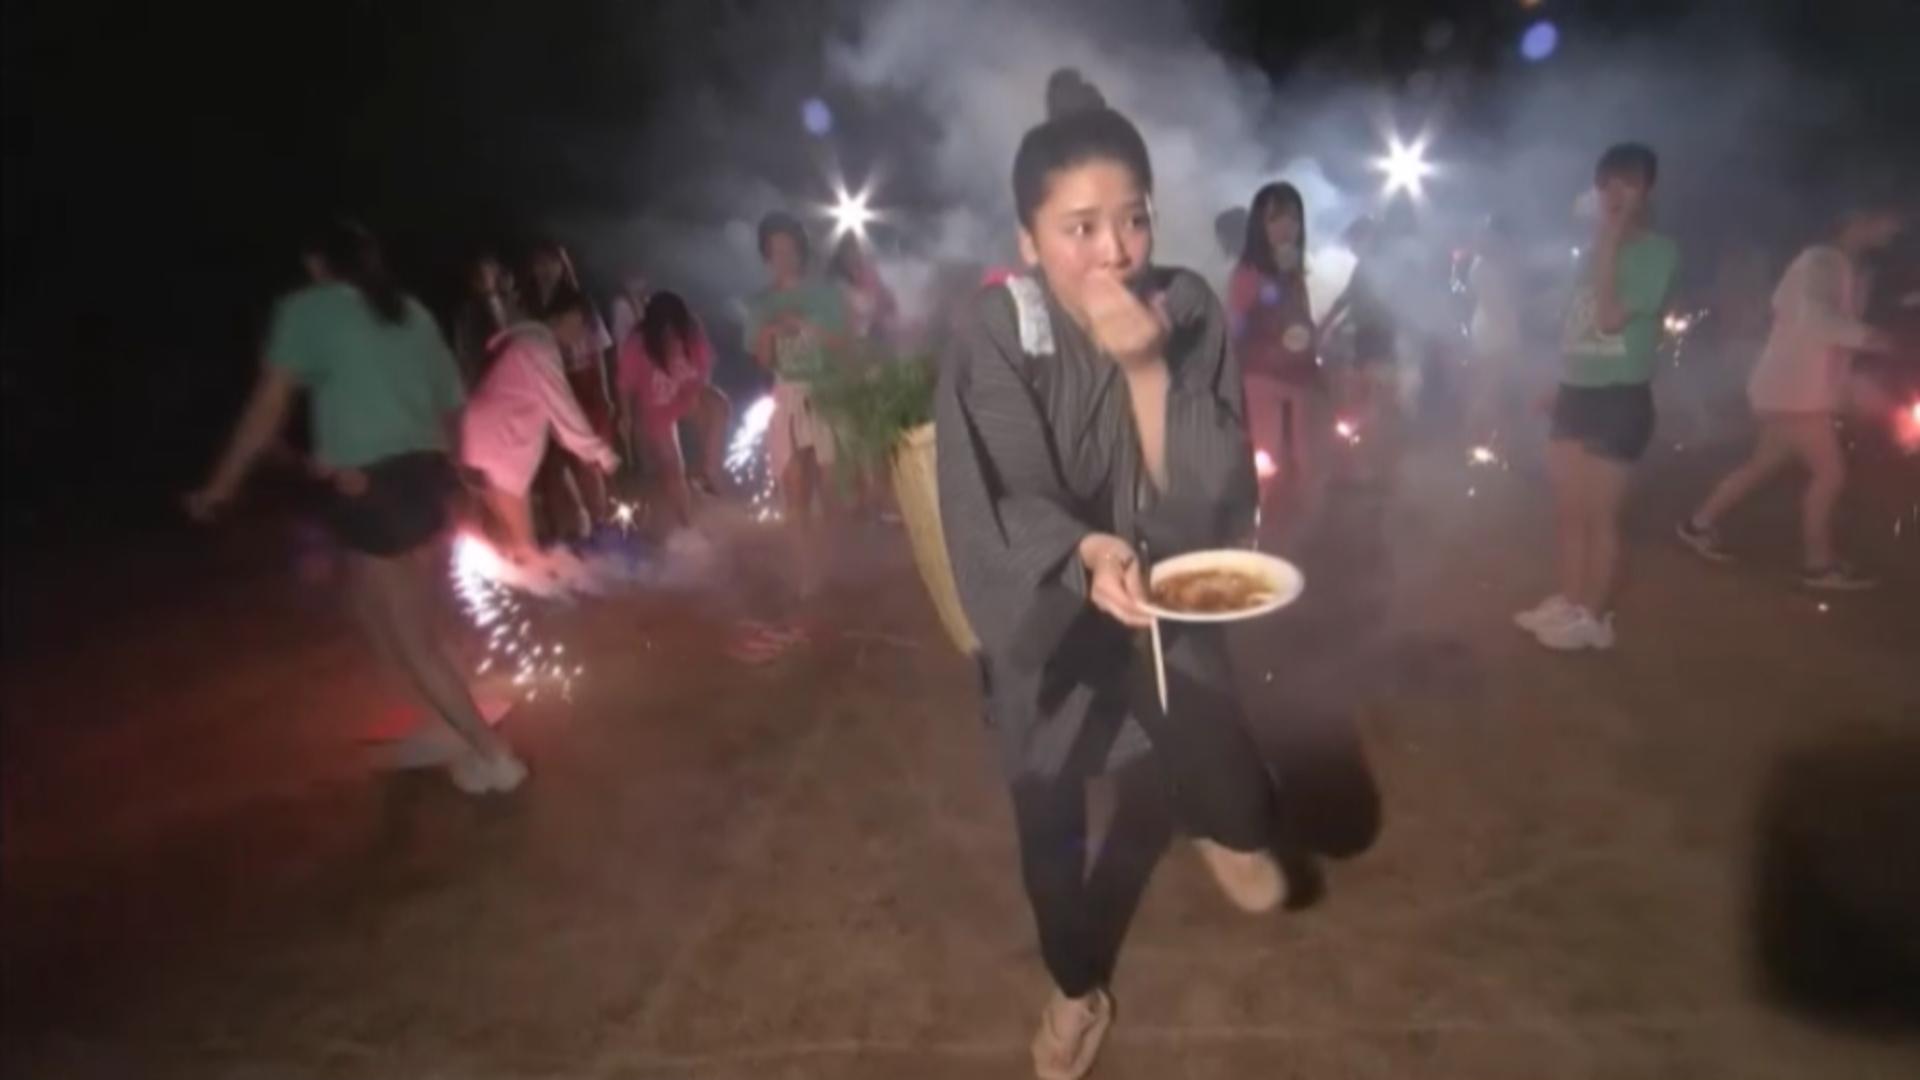 2019年8月18日新YNN NMB48 CHANNELで放送された「BACHI BACHI CAMP」の画像-2690